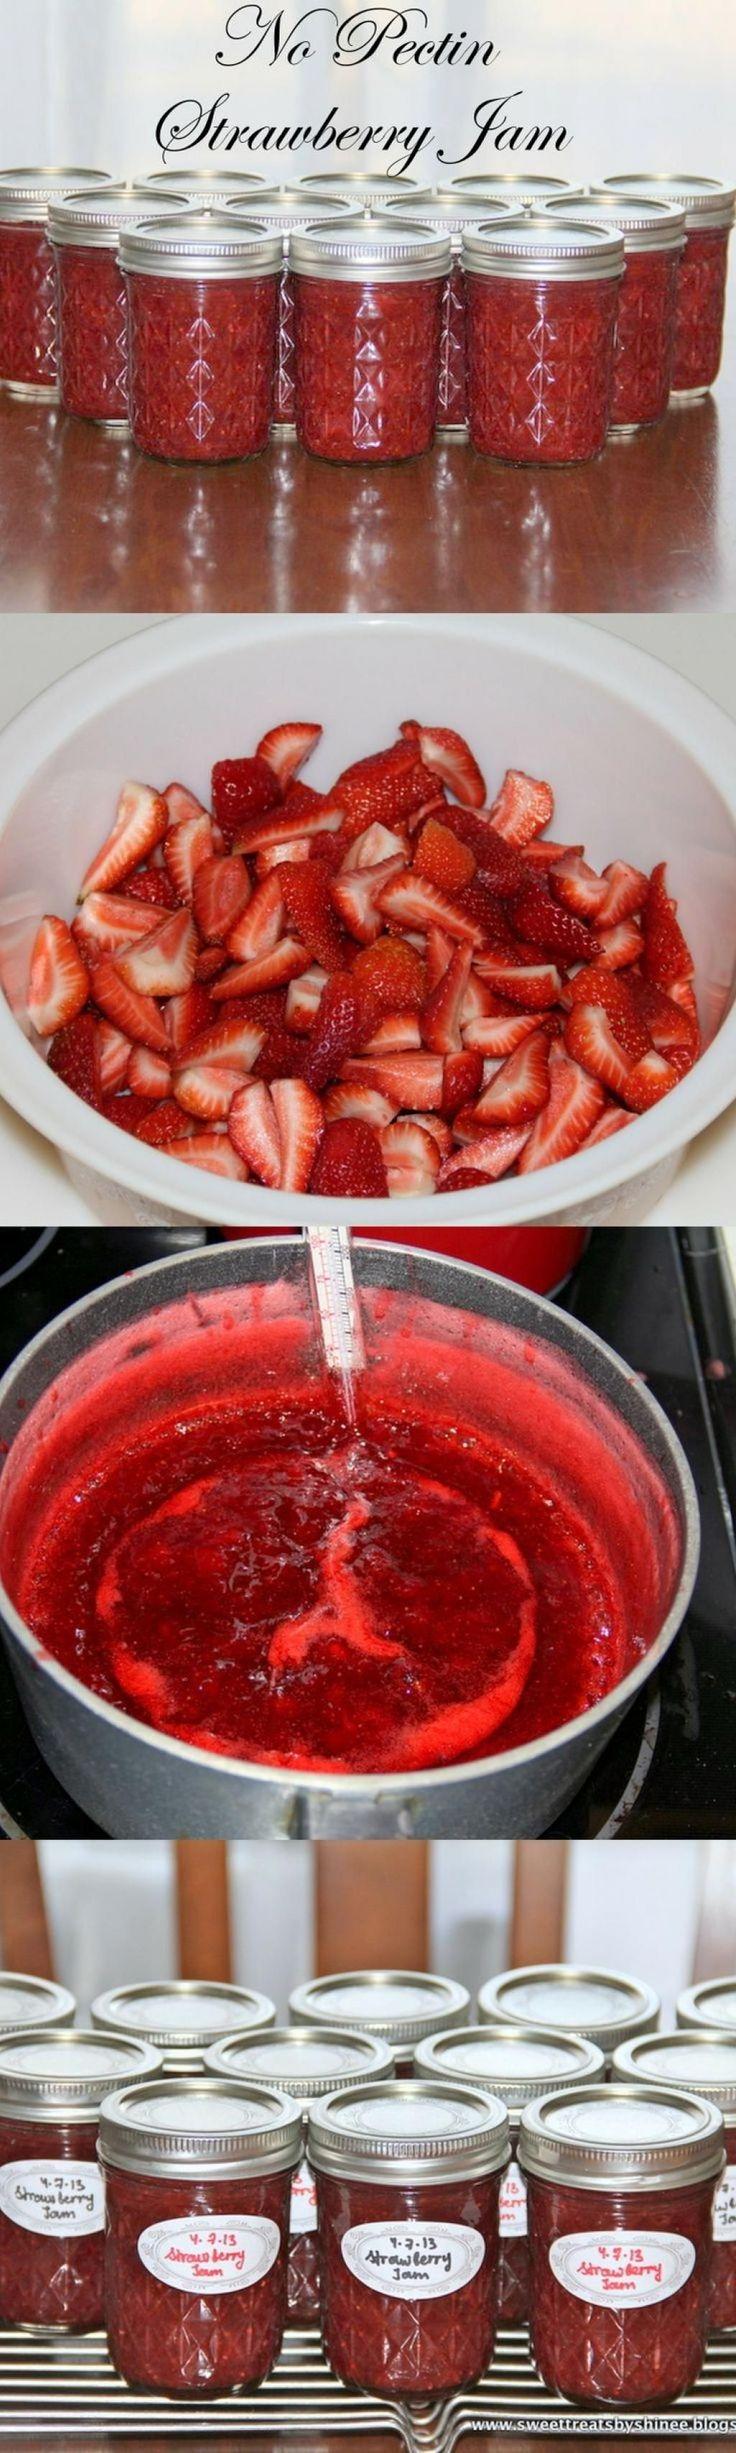 Amateurs de fraises, soyez prêts, les fraises du Québec seront pratiquement prêtes à cueillir dès la semaine prochaine. La fin des classes qui arrive à grands pas, la cueillette est unebelle activité à faire en famille. Riche en antioxydants et en v